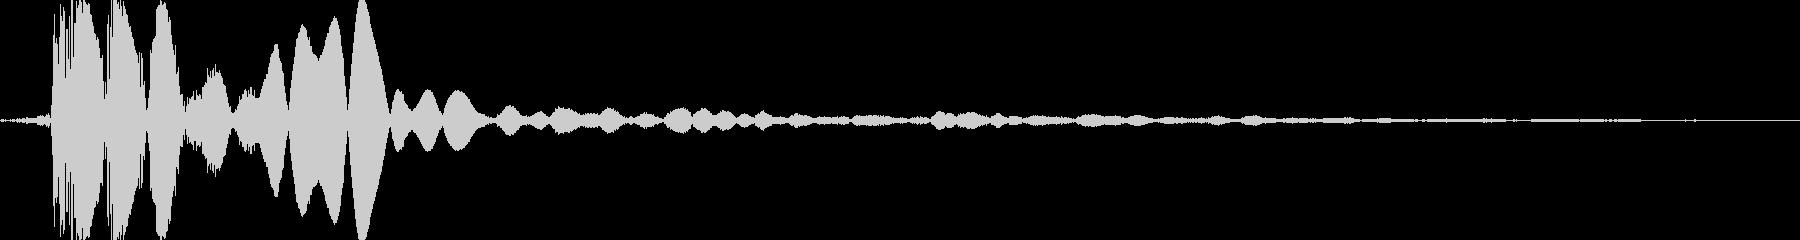 ヒットヒットインパクト8の未再生の波形